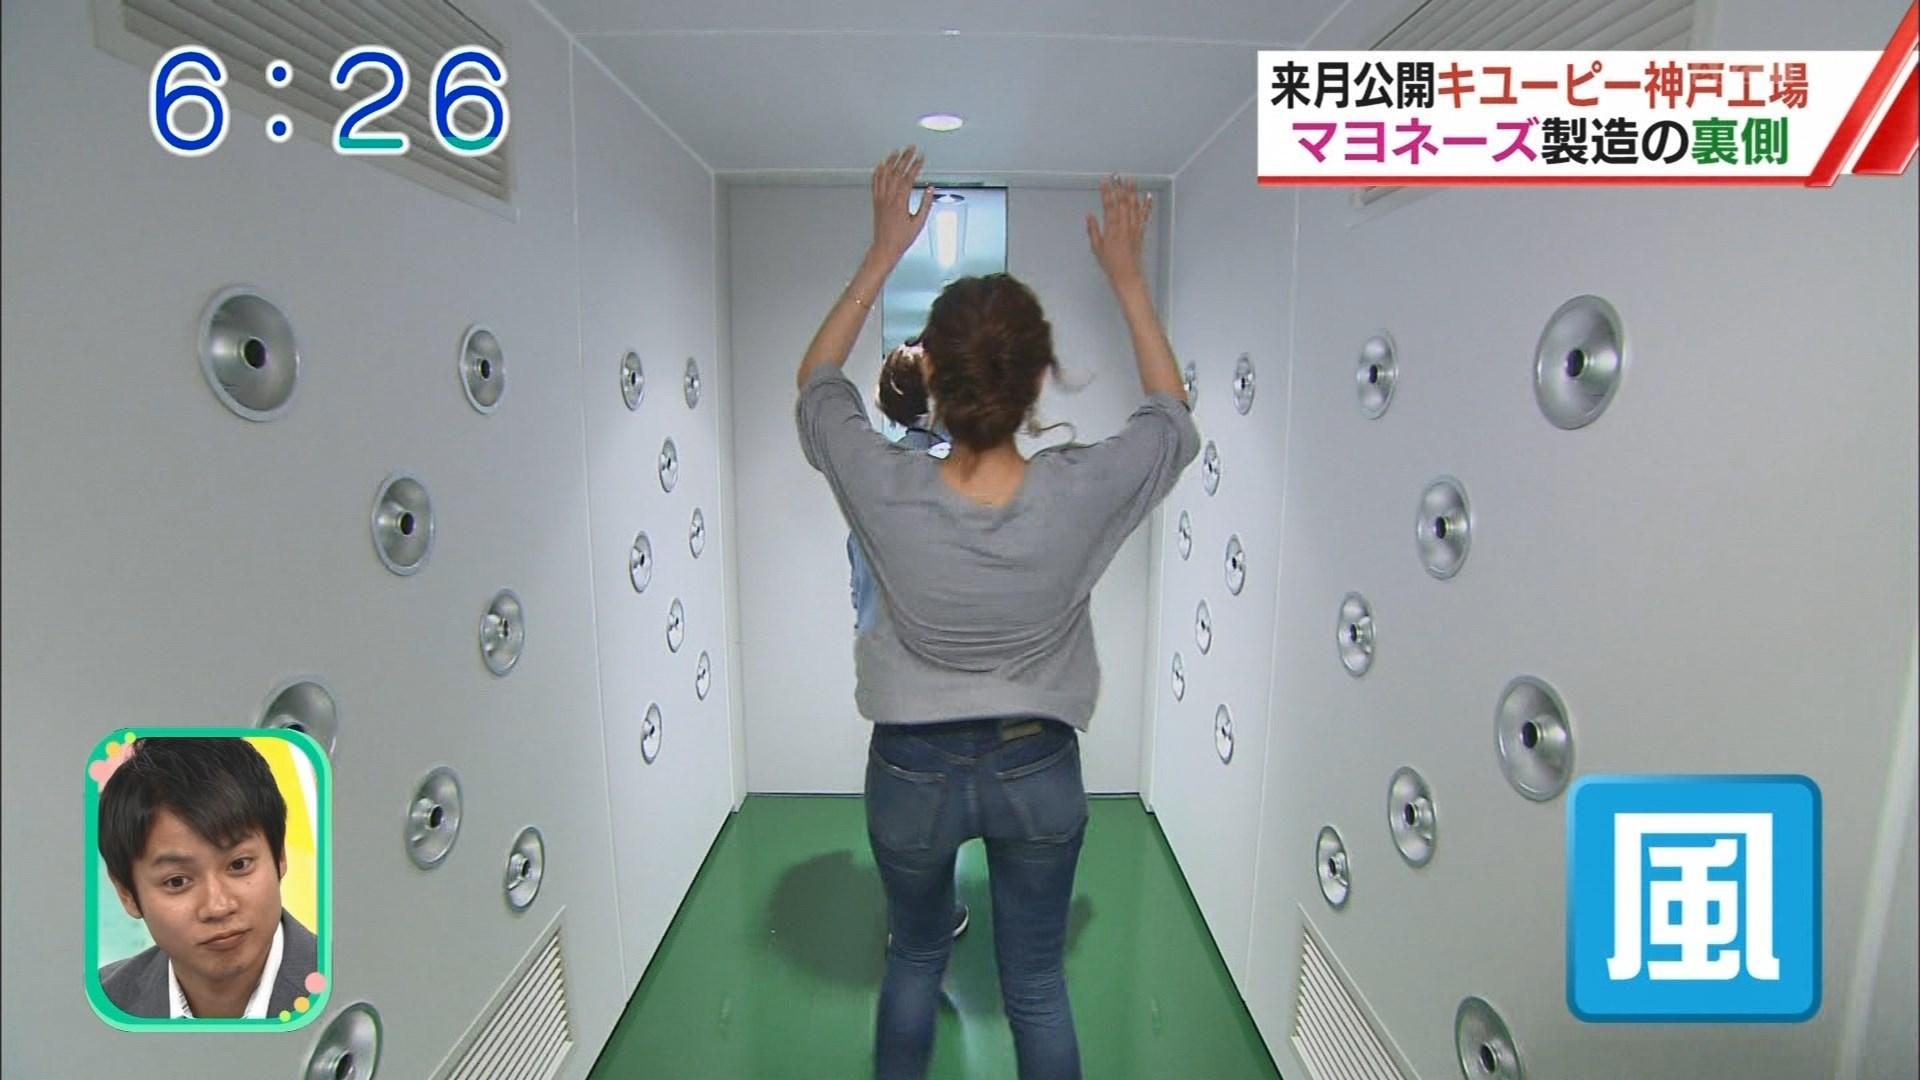 (ハプニング写真)吉岡結紀さんのジーンズパッツパツお下半身が魅力的な関西の朝☆おはようコールABCえろ視線キャプ写真